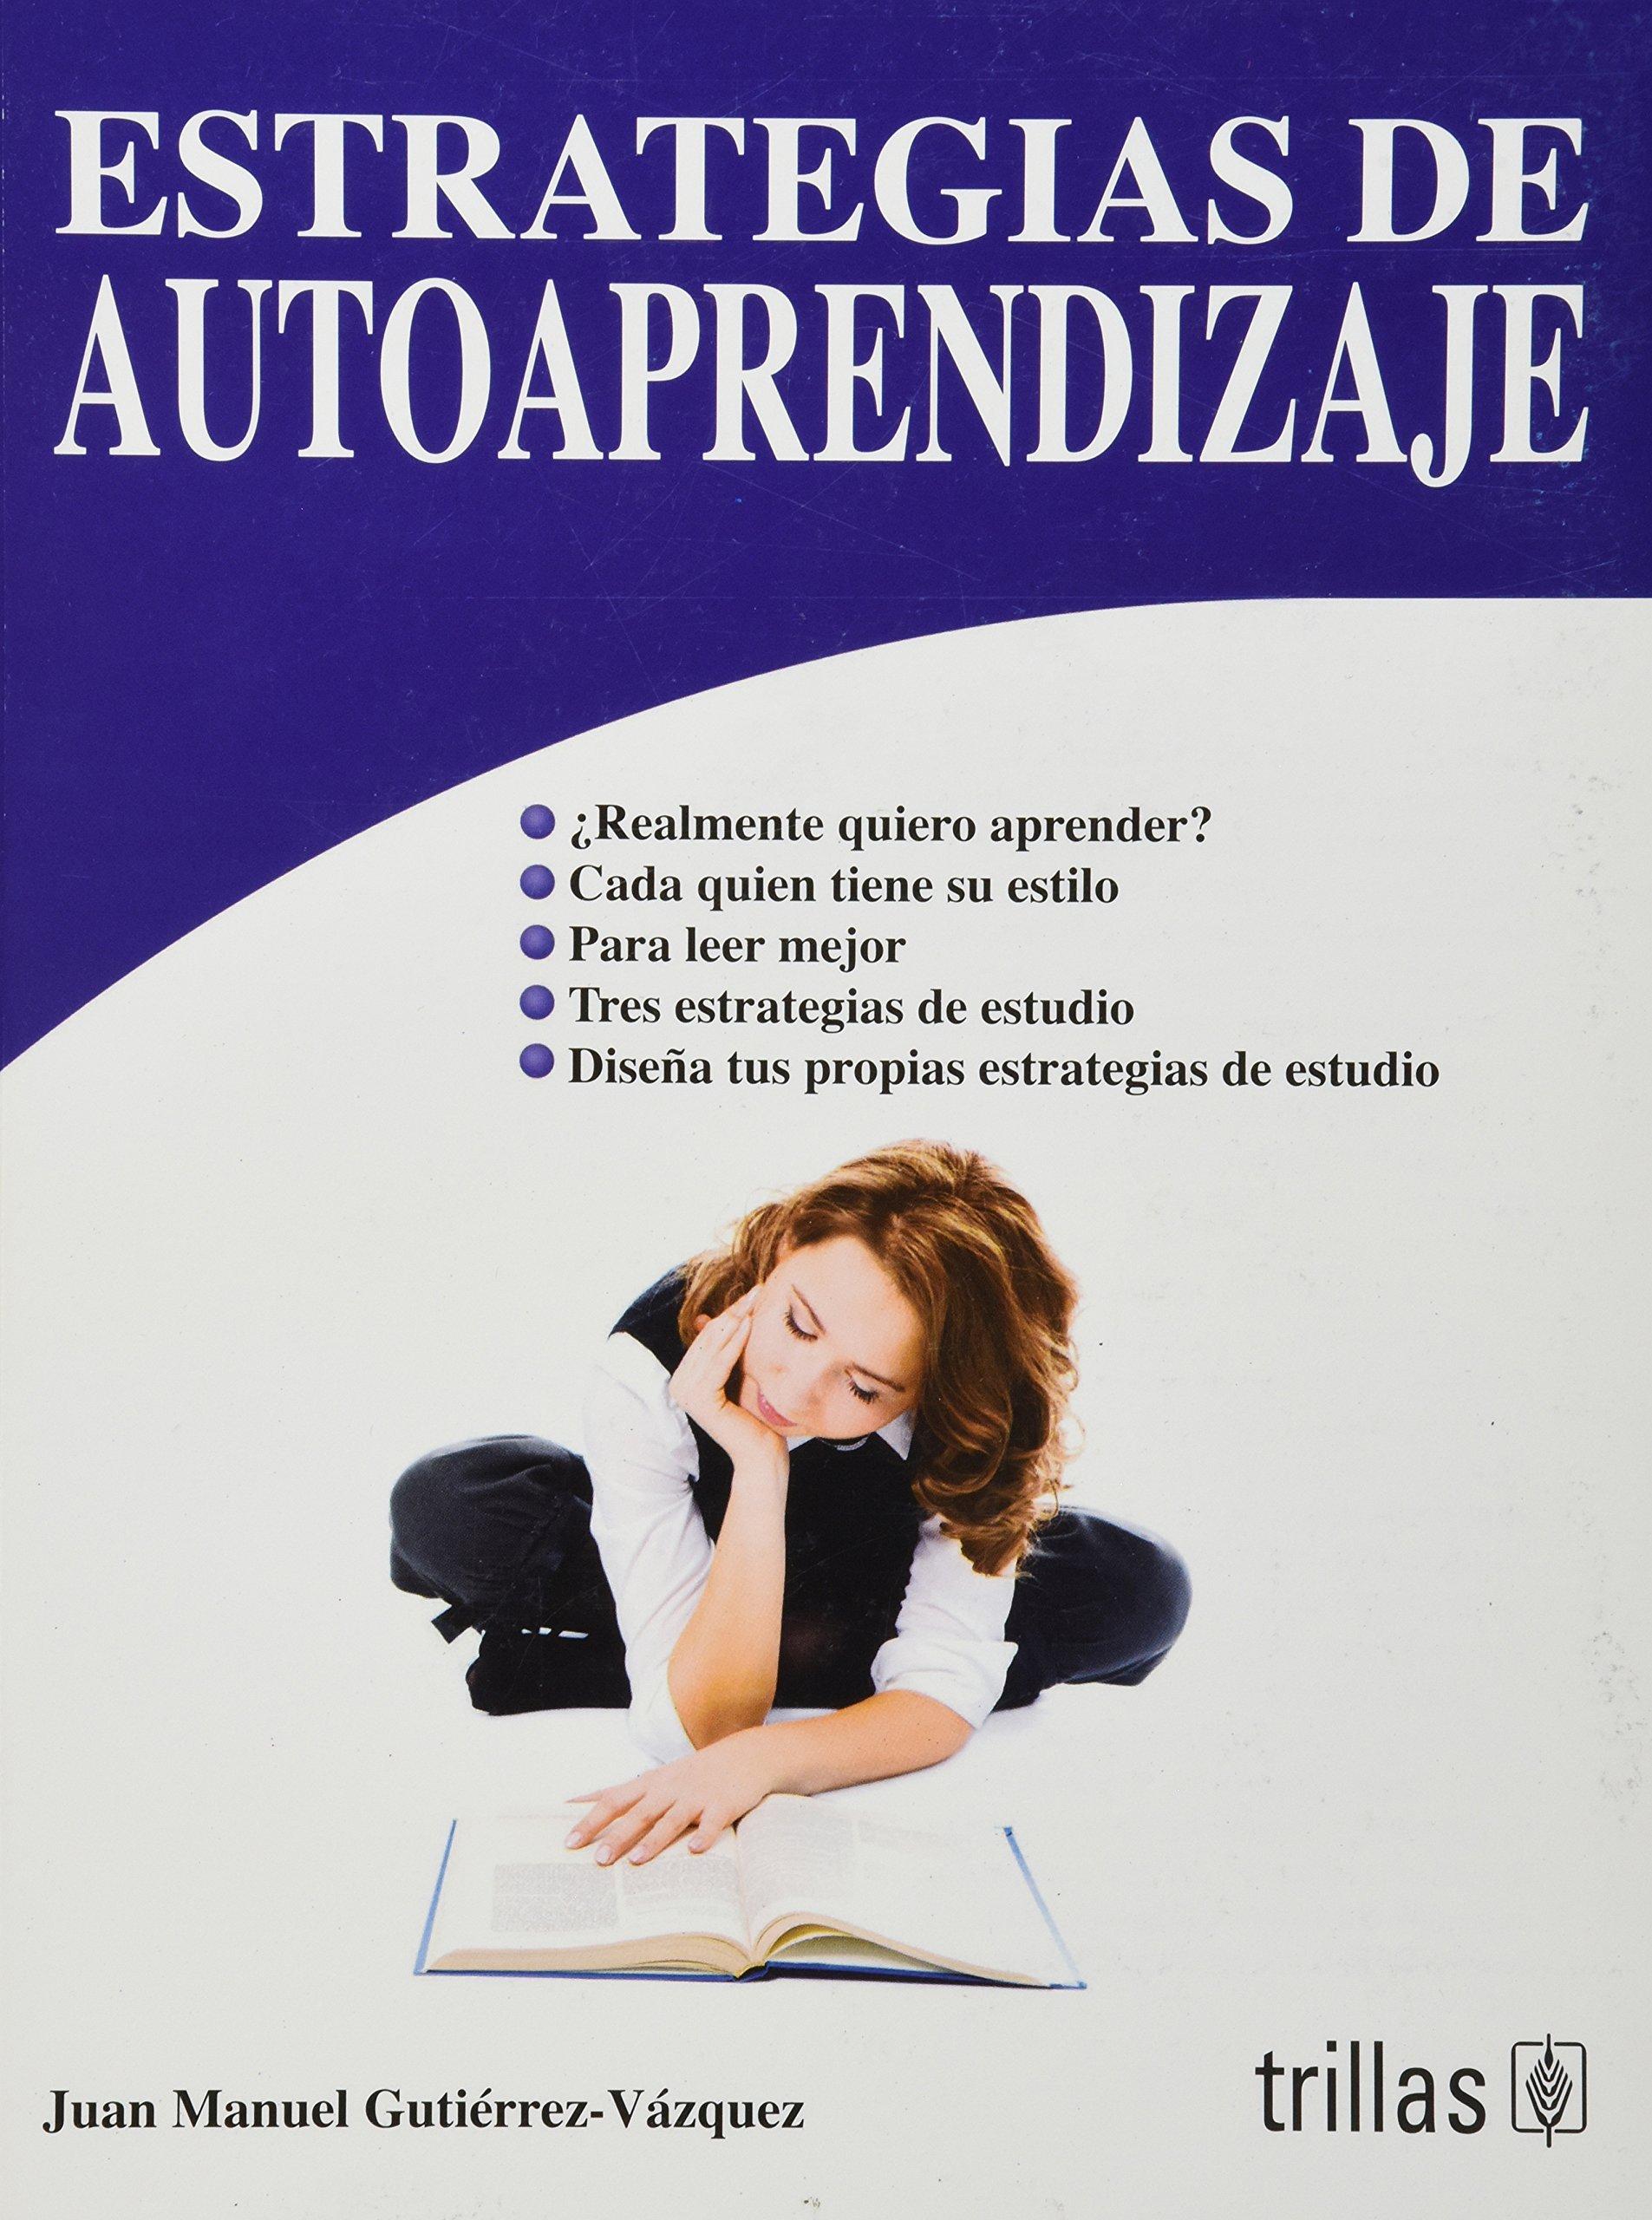 Estrategias De Autoaprendizaje / Strategies Of Self-learning (Spanish Edition) PDF